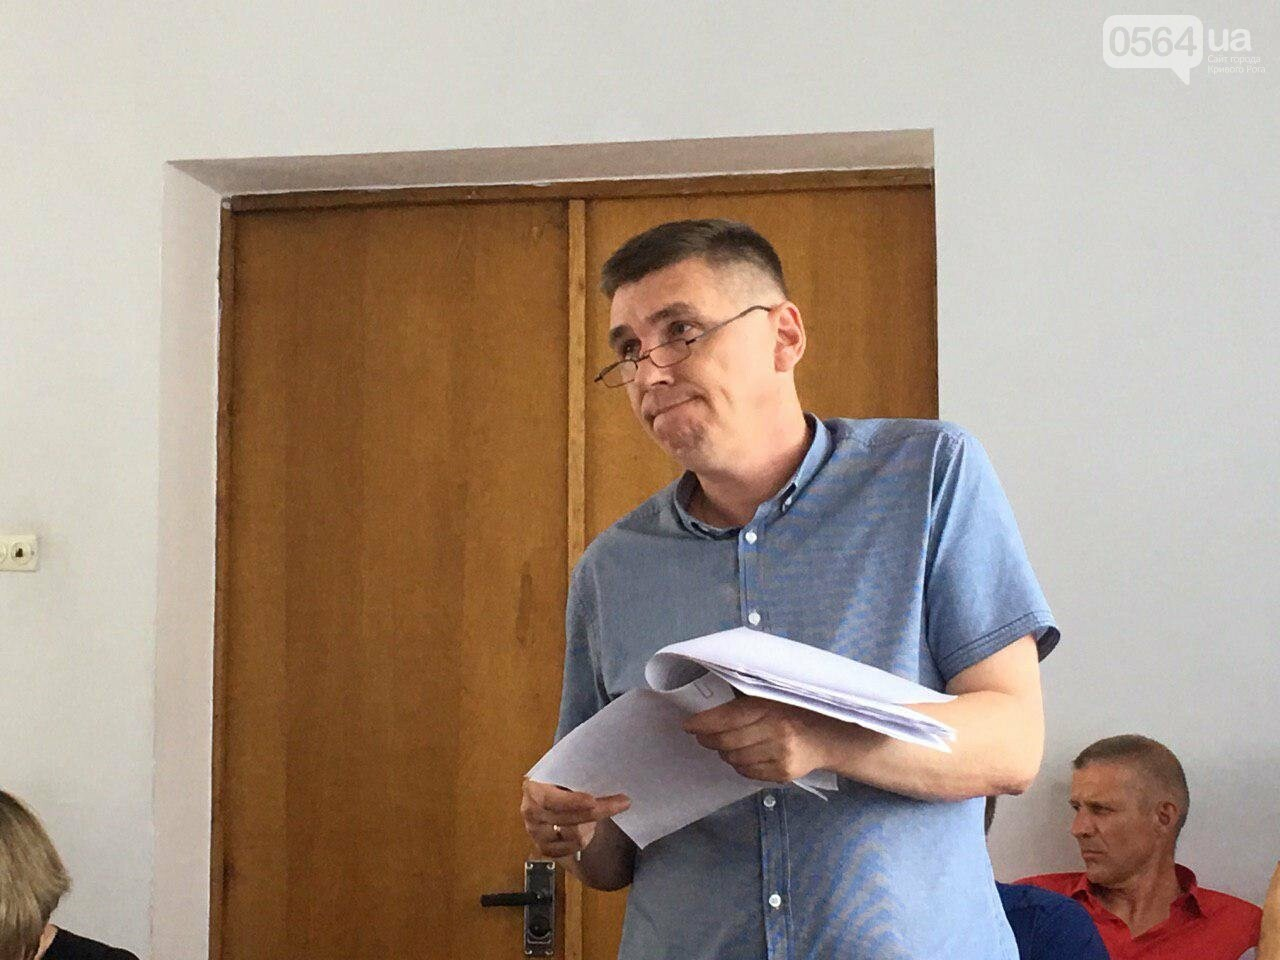 Криворожское КП пытается подготовится к отопительному сезону, несмотря на долг в полмиллиарда, - ФОТО , фото-60